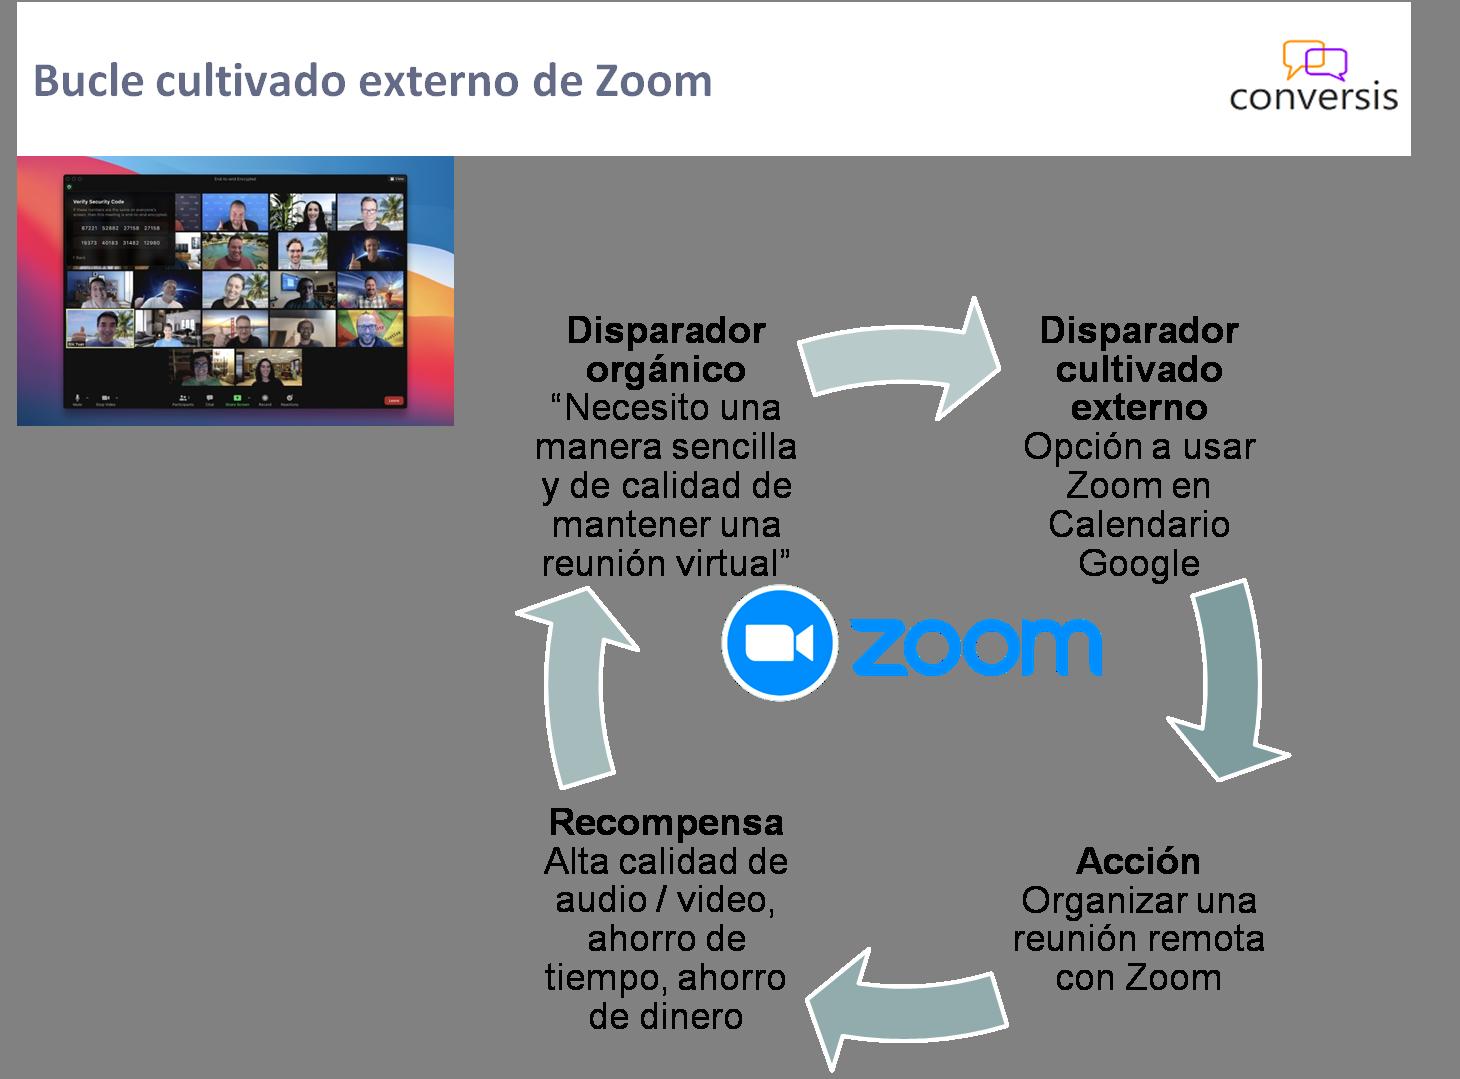 Bucle cultivado externo de Zoom